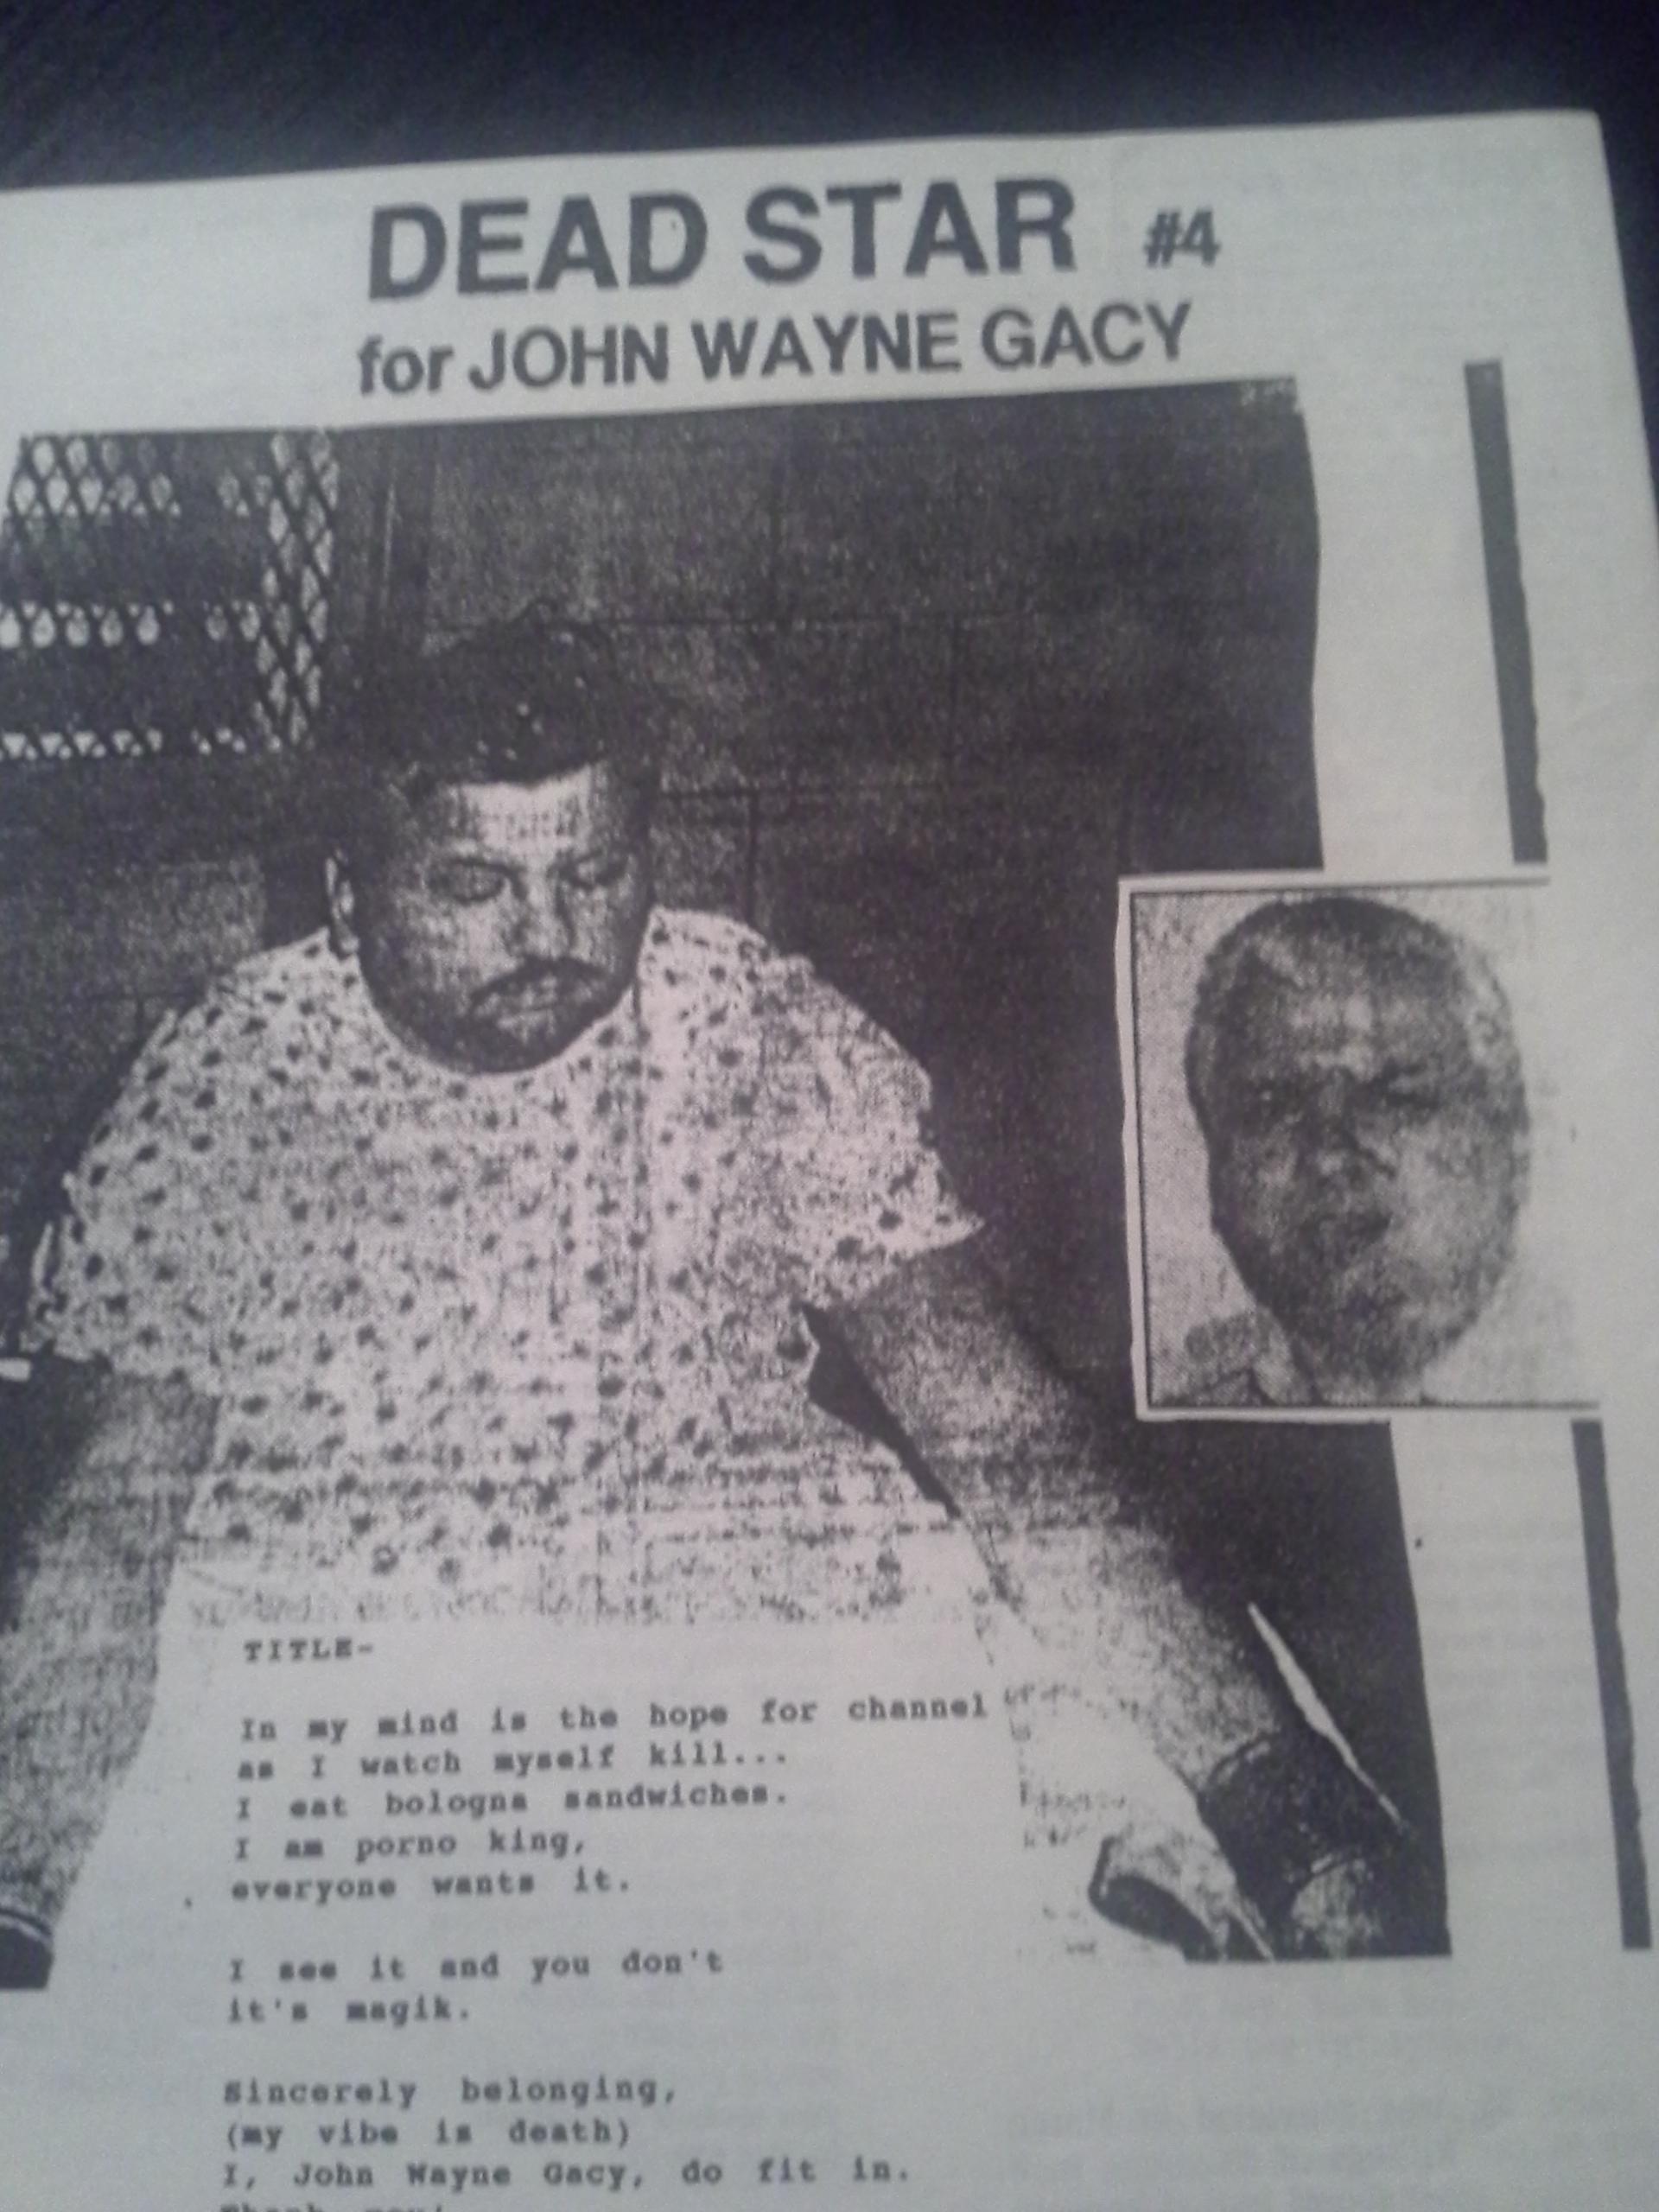 John Wayne Gacy | Kevin Sampsell